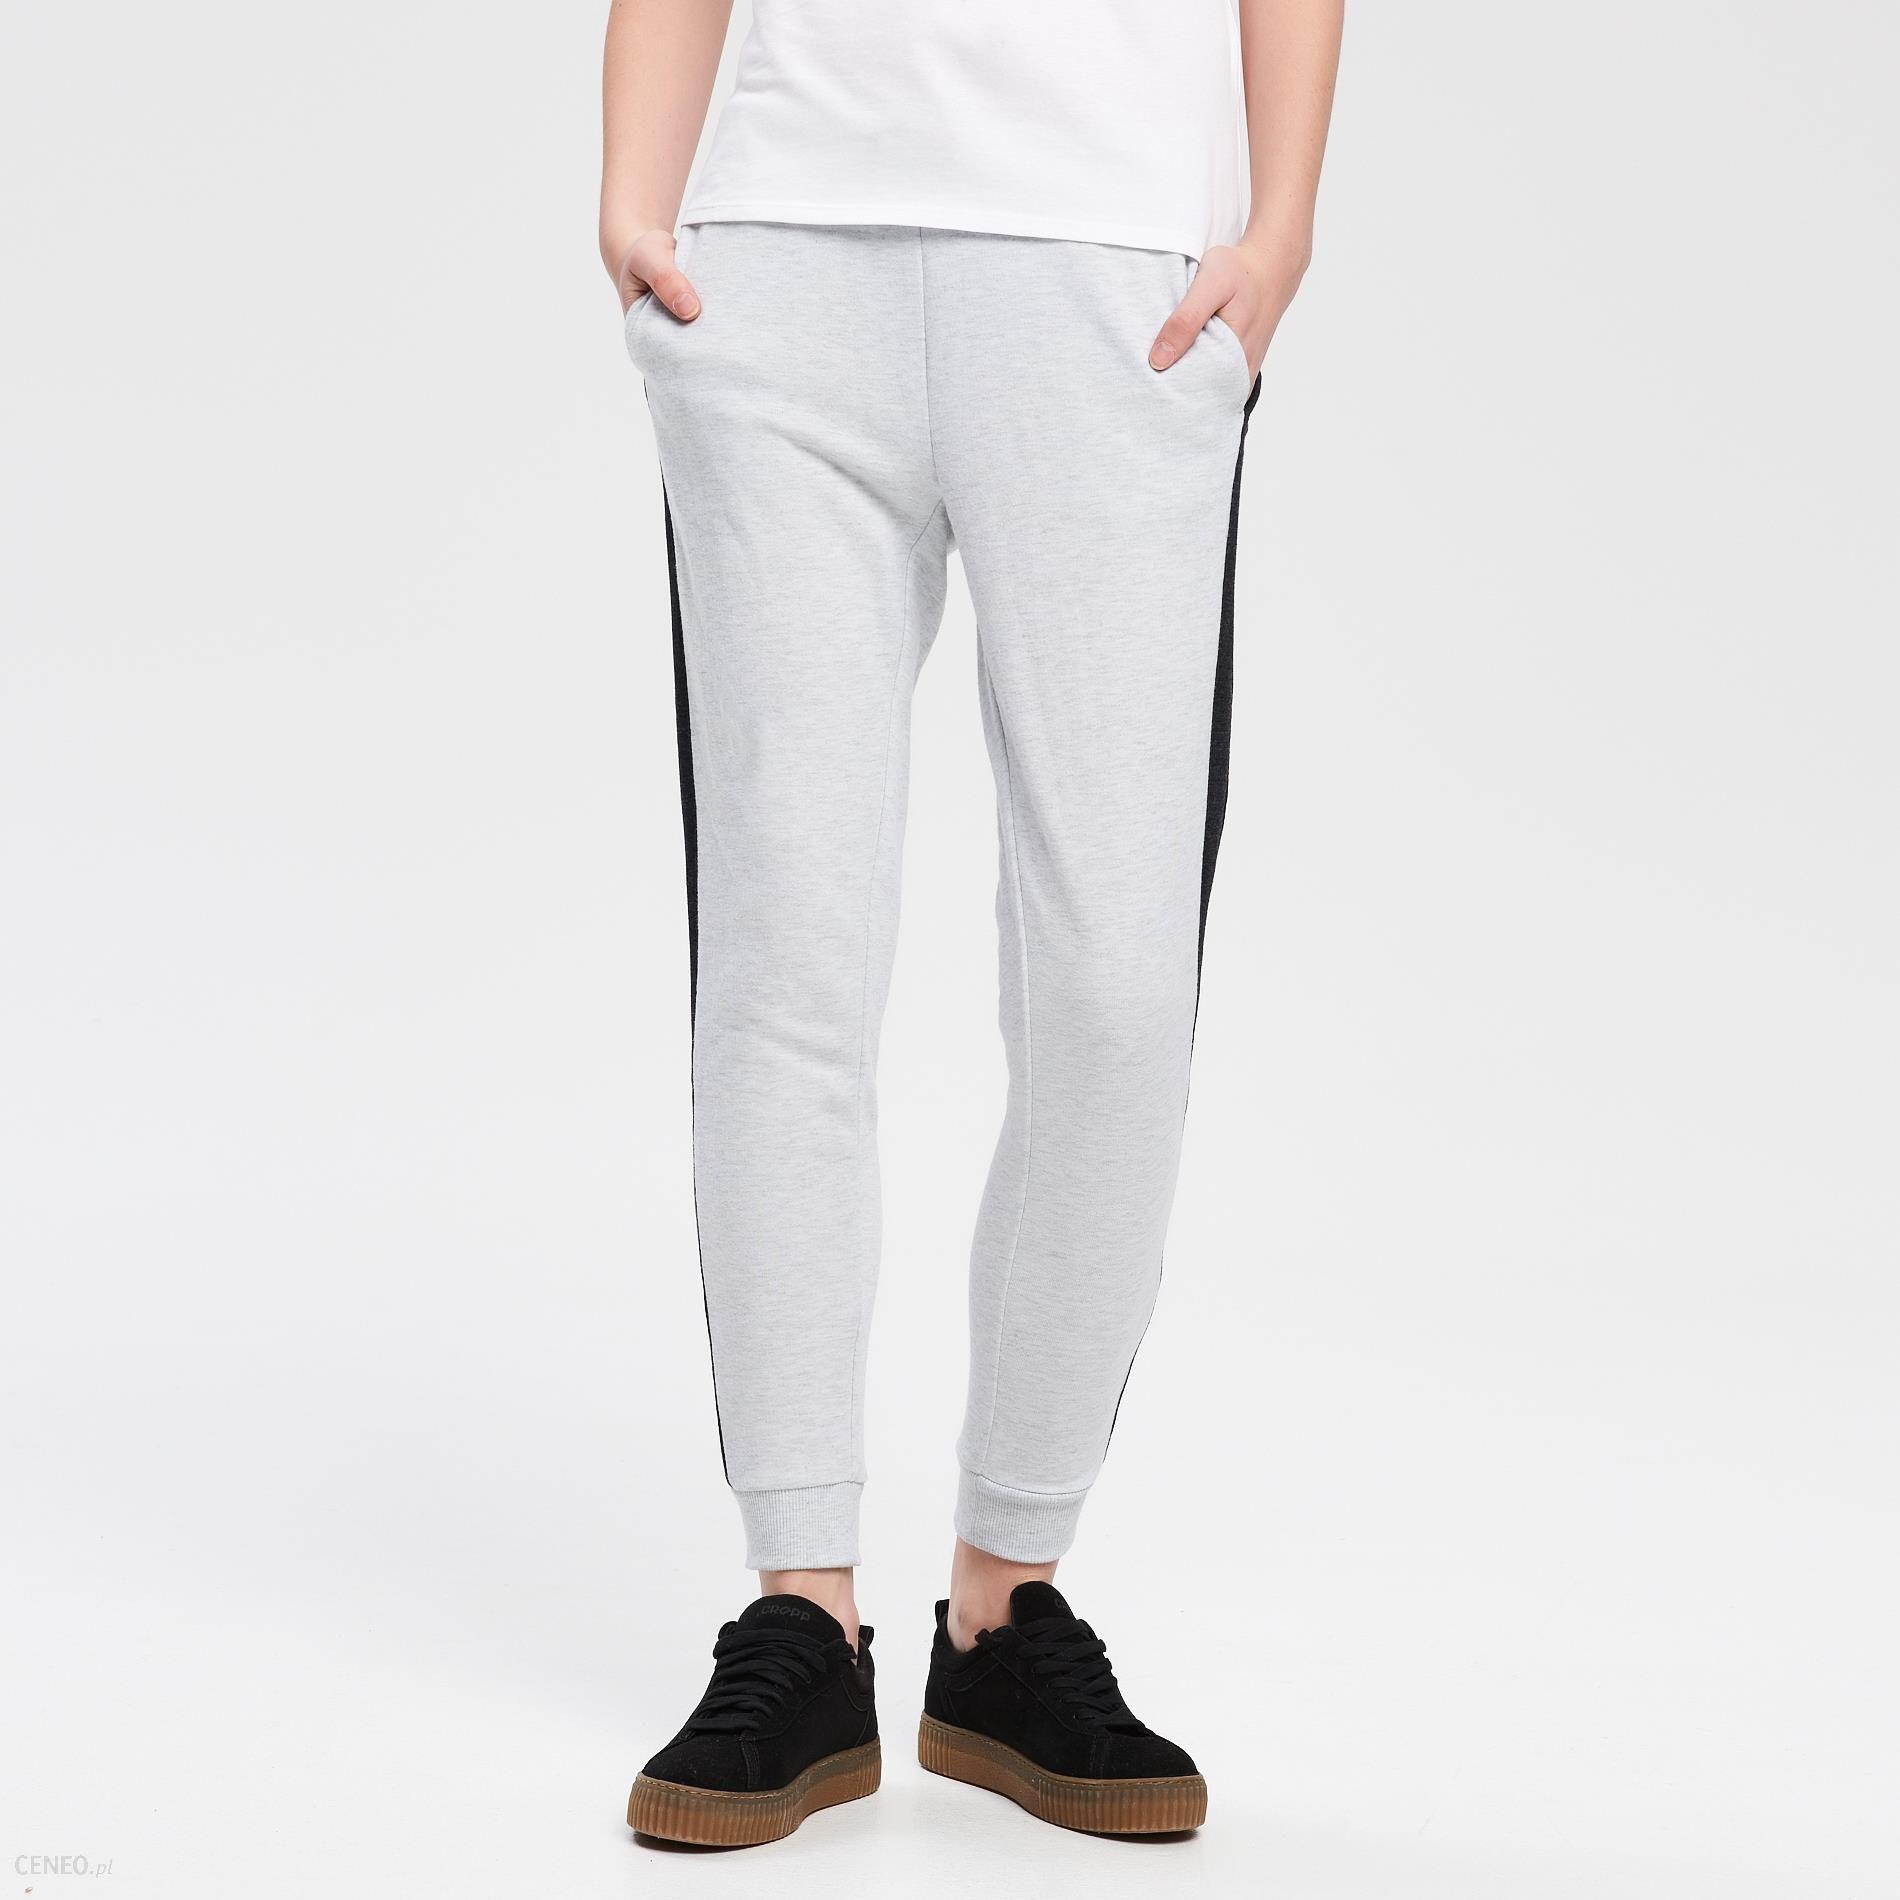 7e486041ccf3 Cropp - Spodnie dresowe - Szary - damska - Ceny i opinie - Ceneo.pl